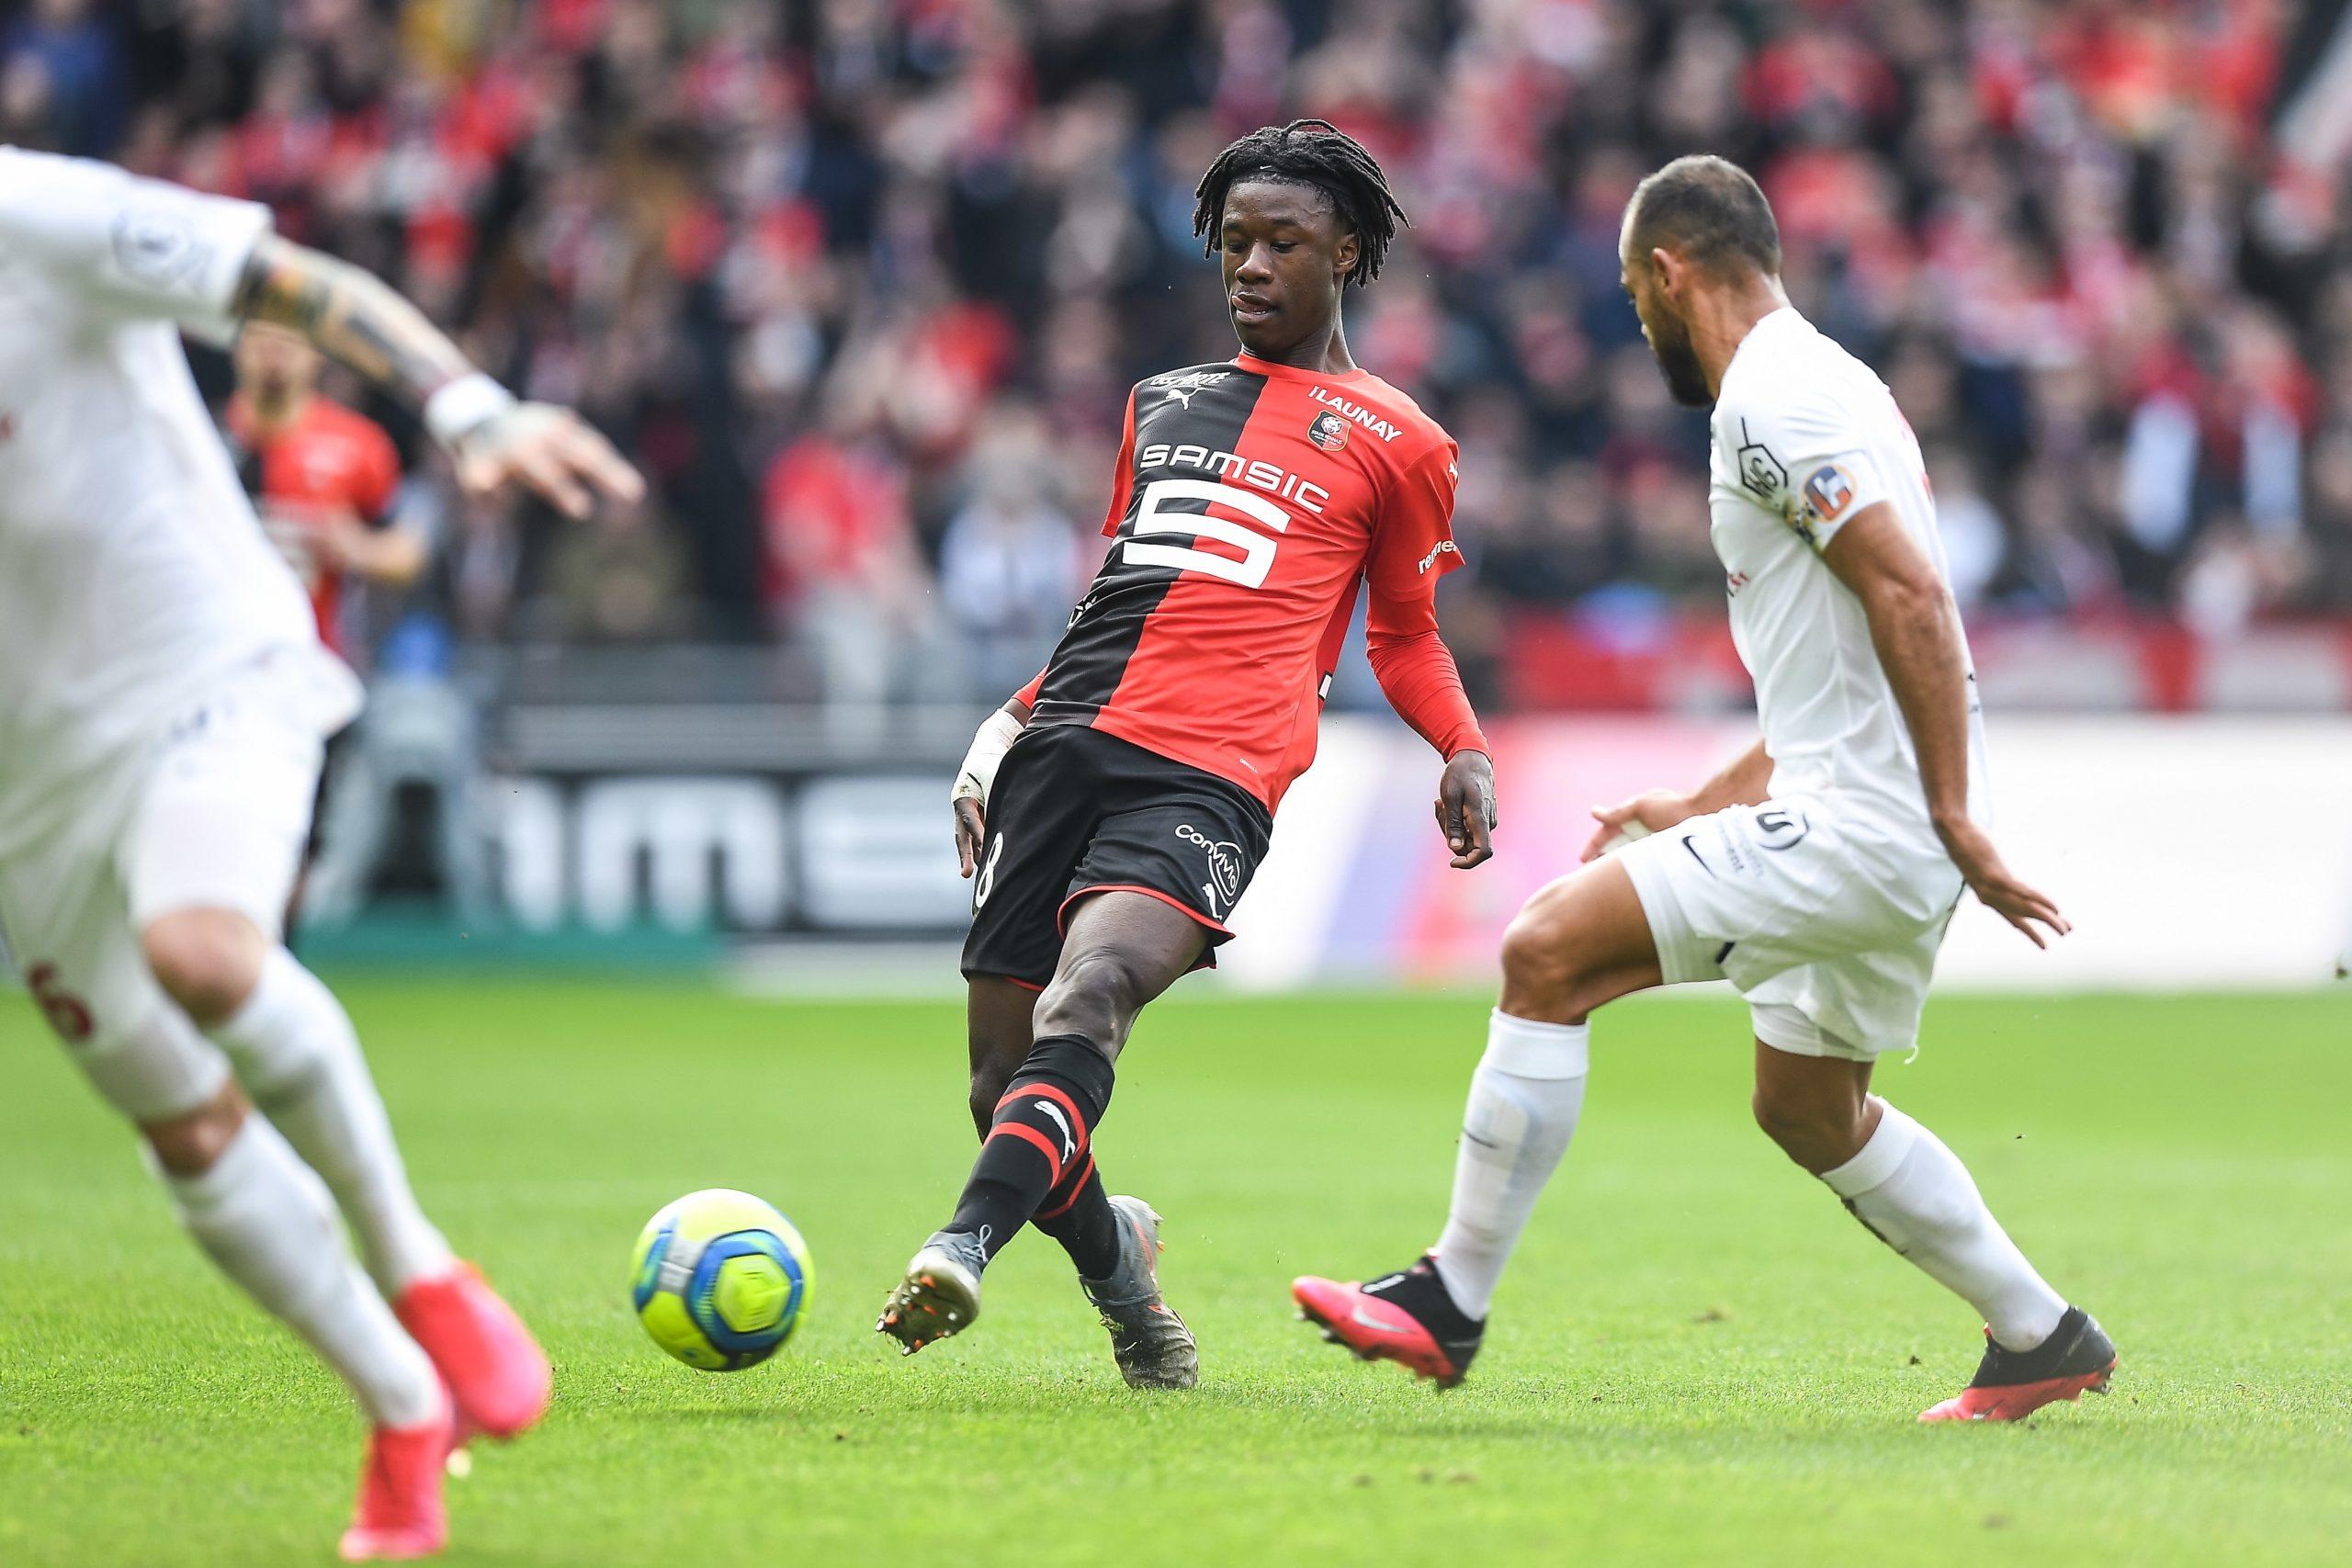 Mercato - Le Real Madrid veut temporiser pour Camavinga, le PSG et le Bayern à l'affût selon AS